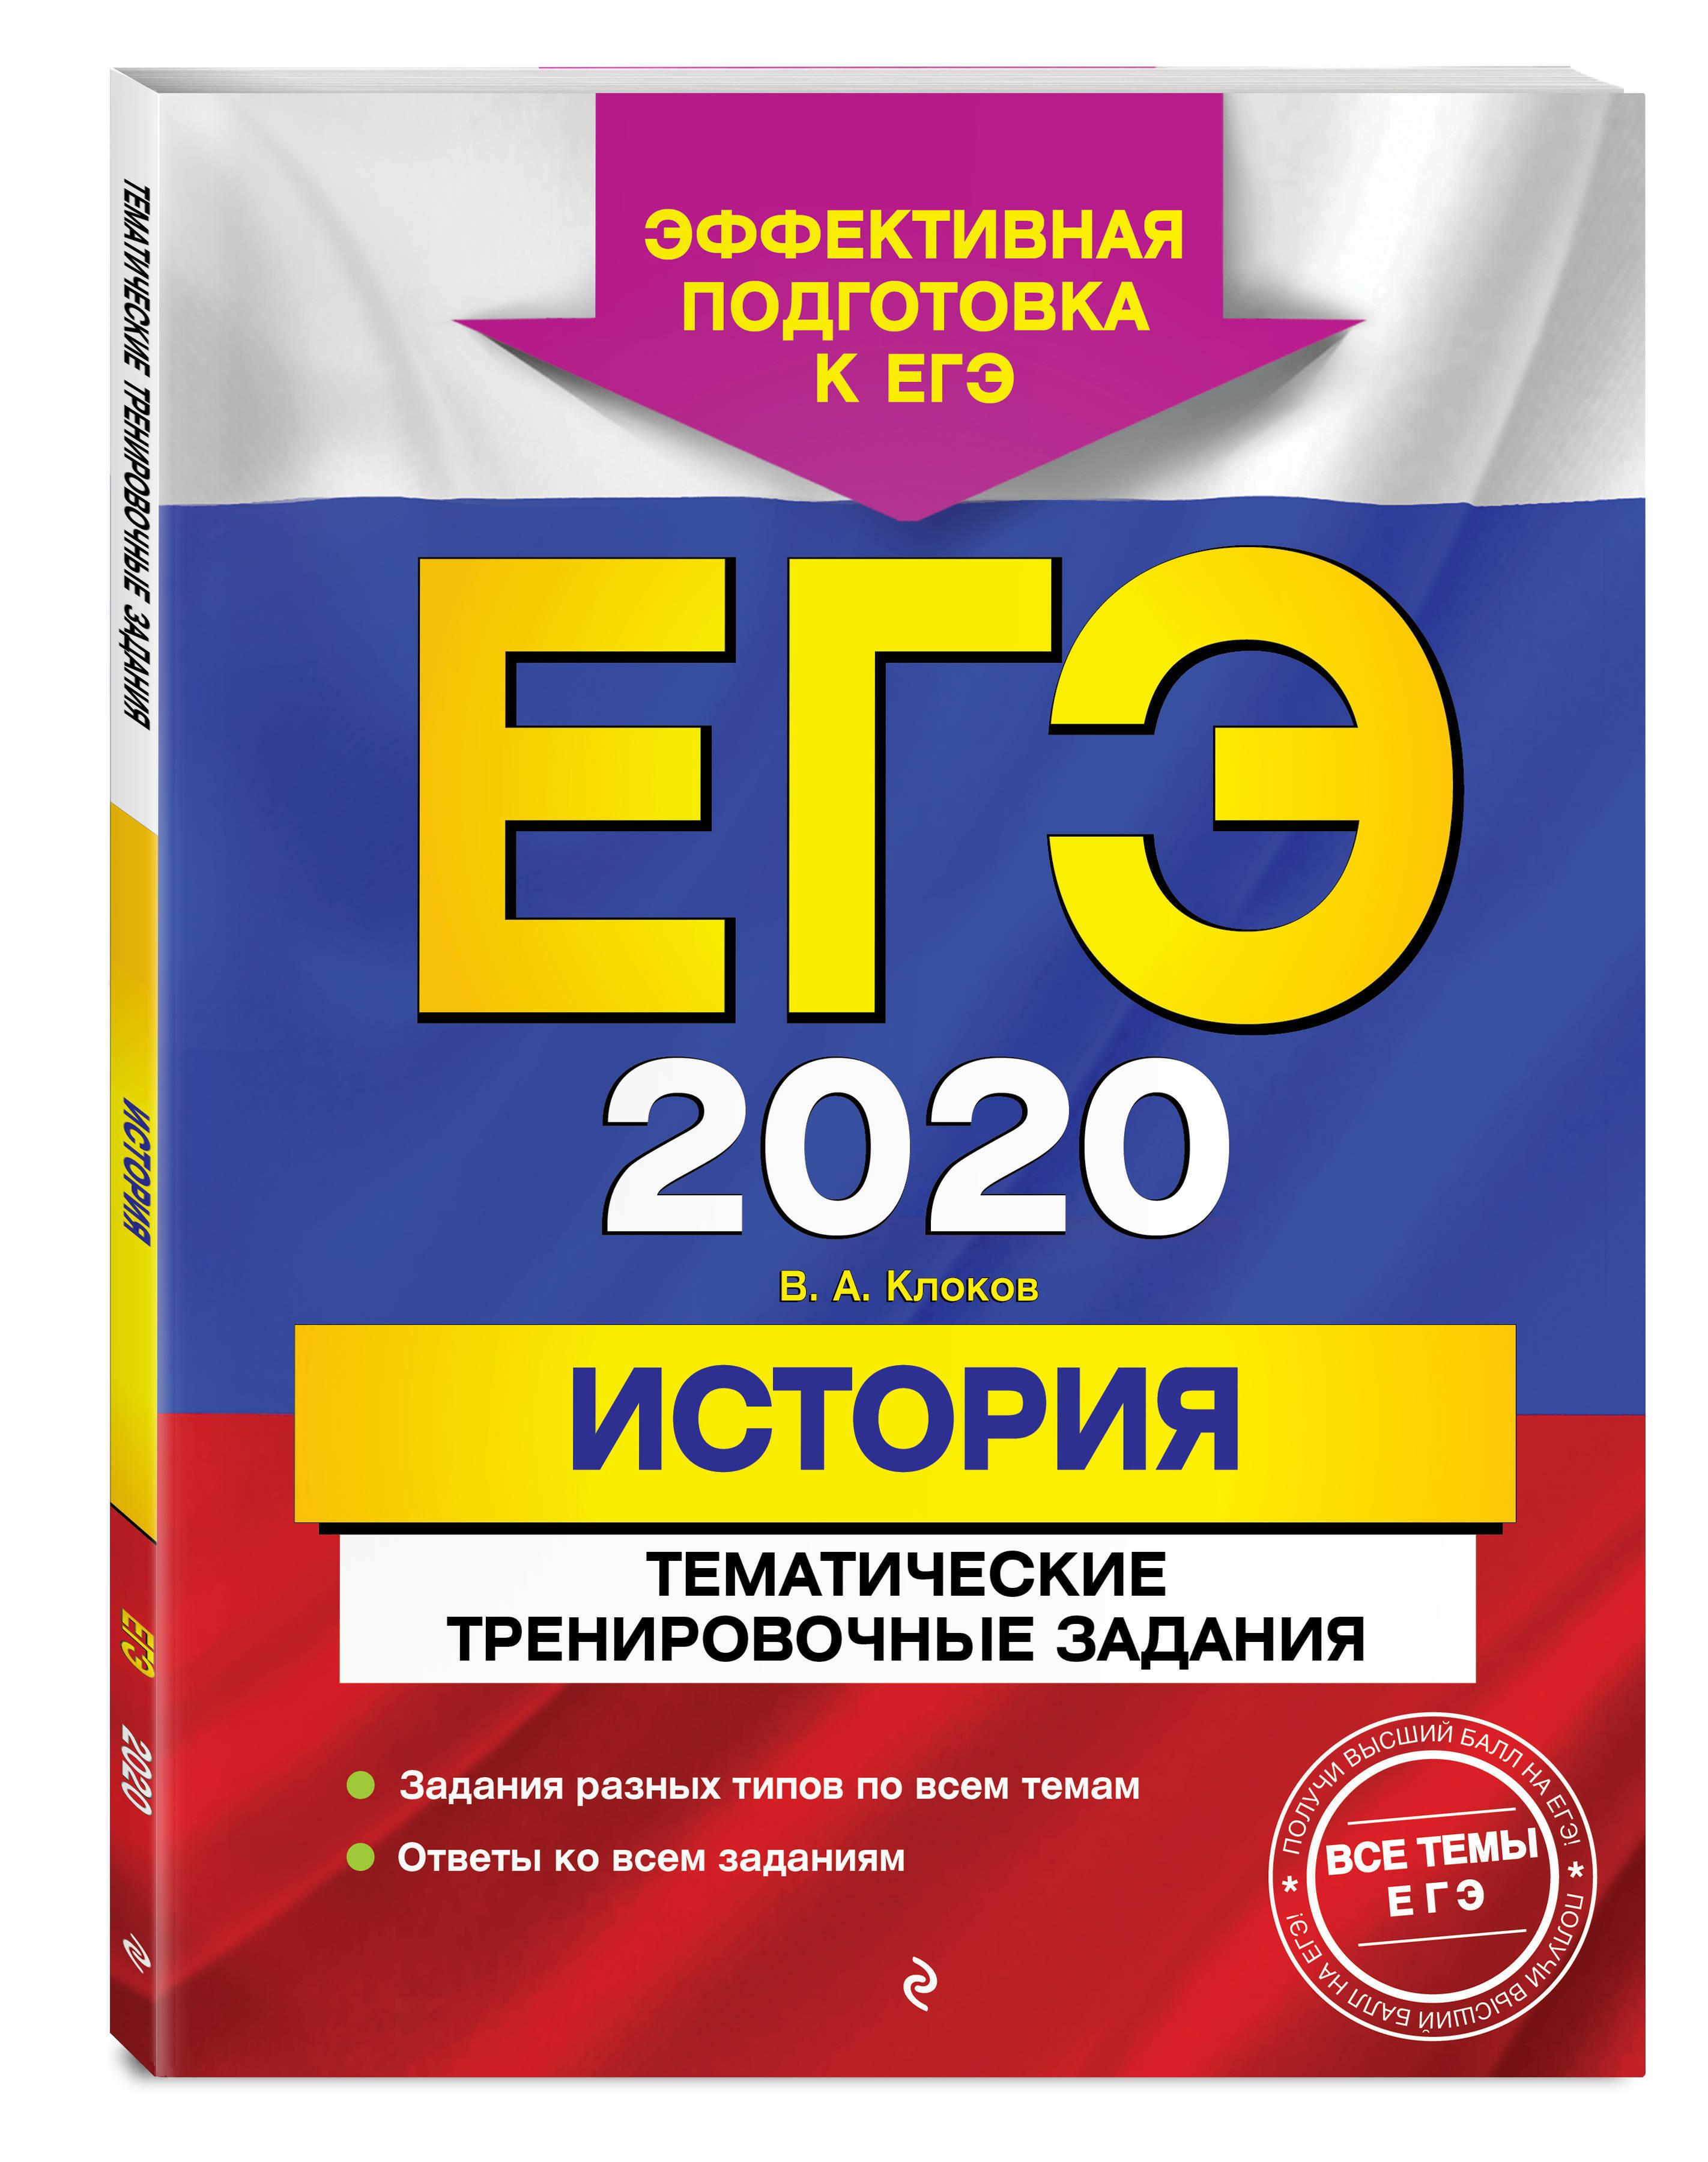 ЕГЭ-2020. История. Тематические тренировочные задания | Клоков Валерий Анатольевич